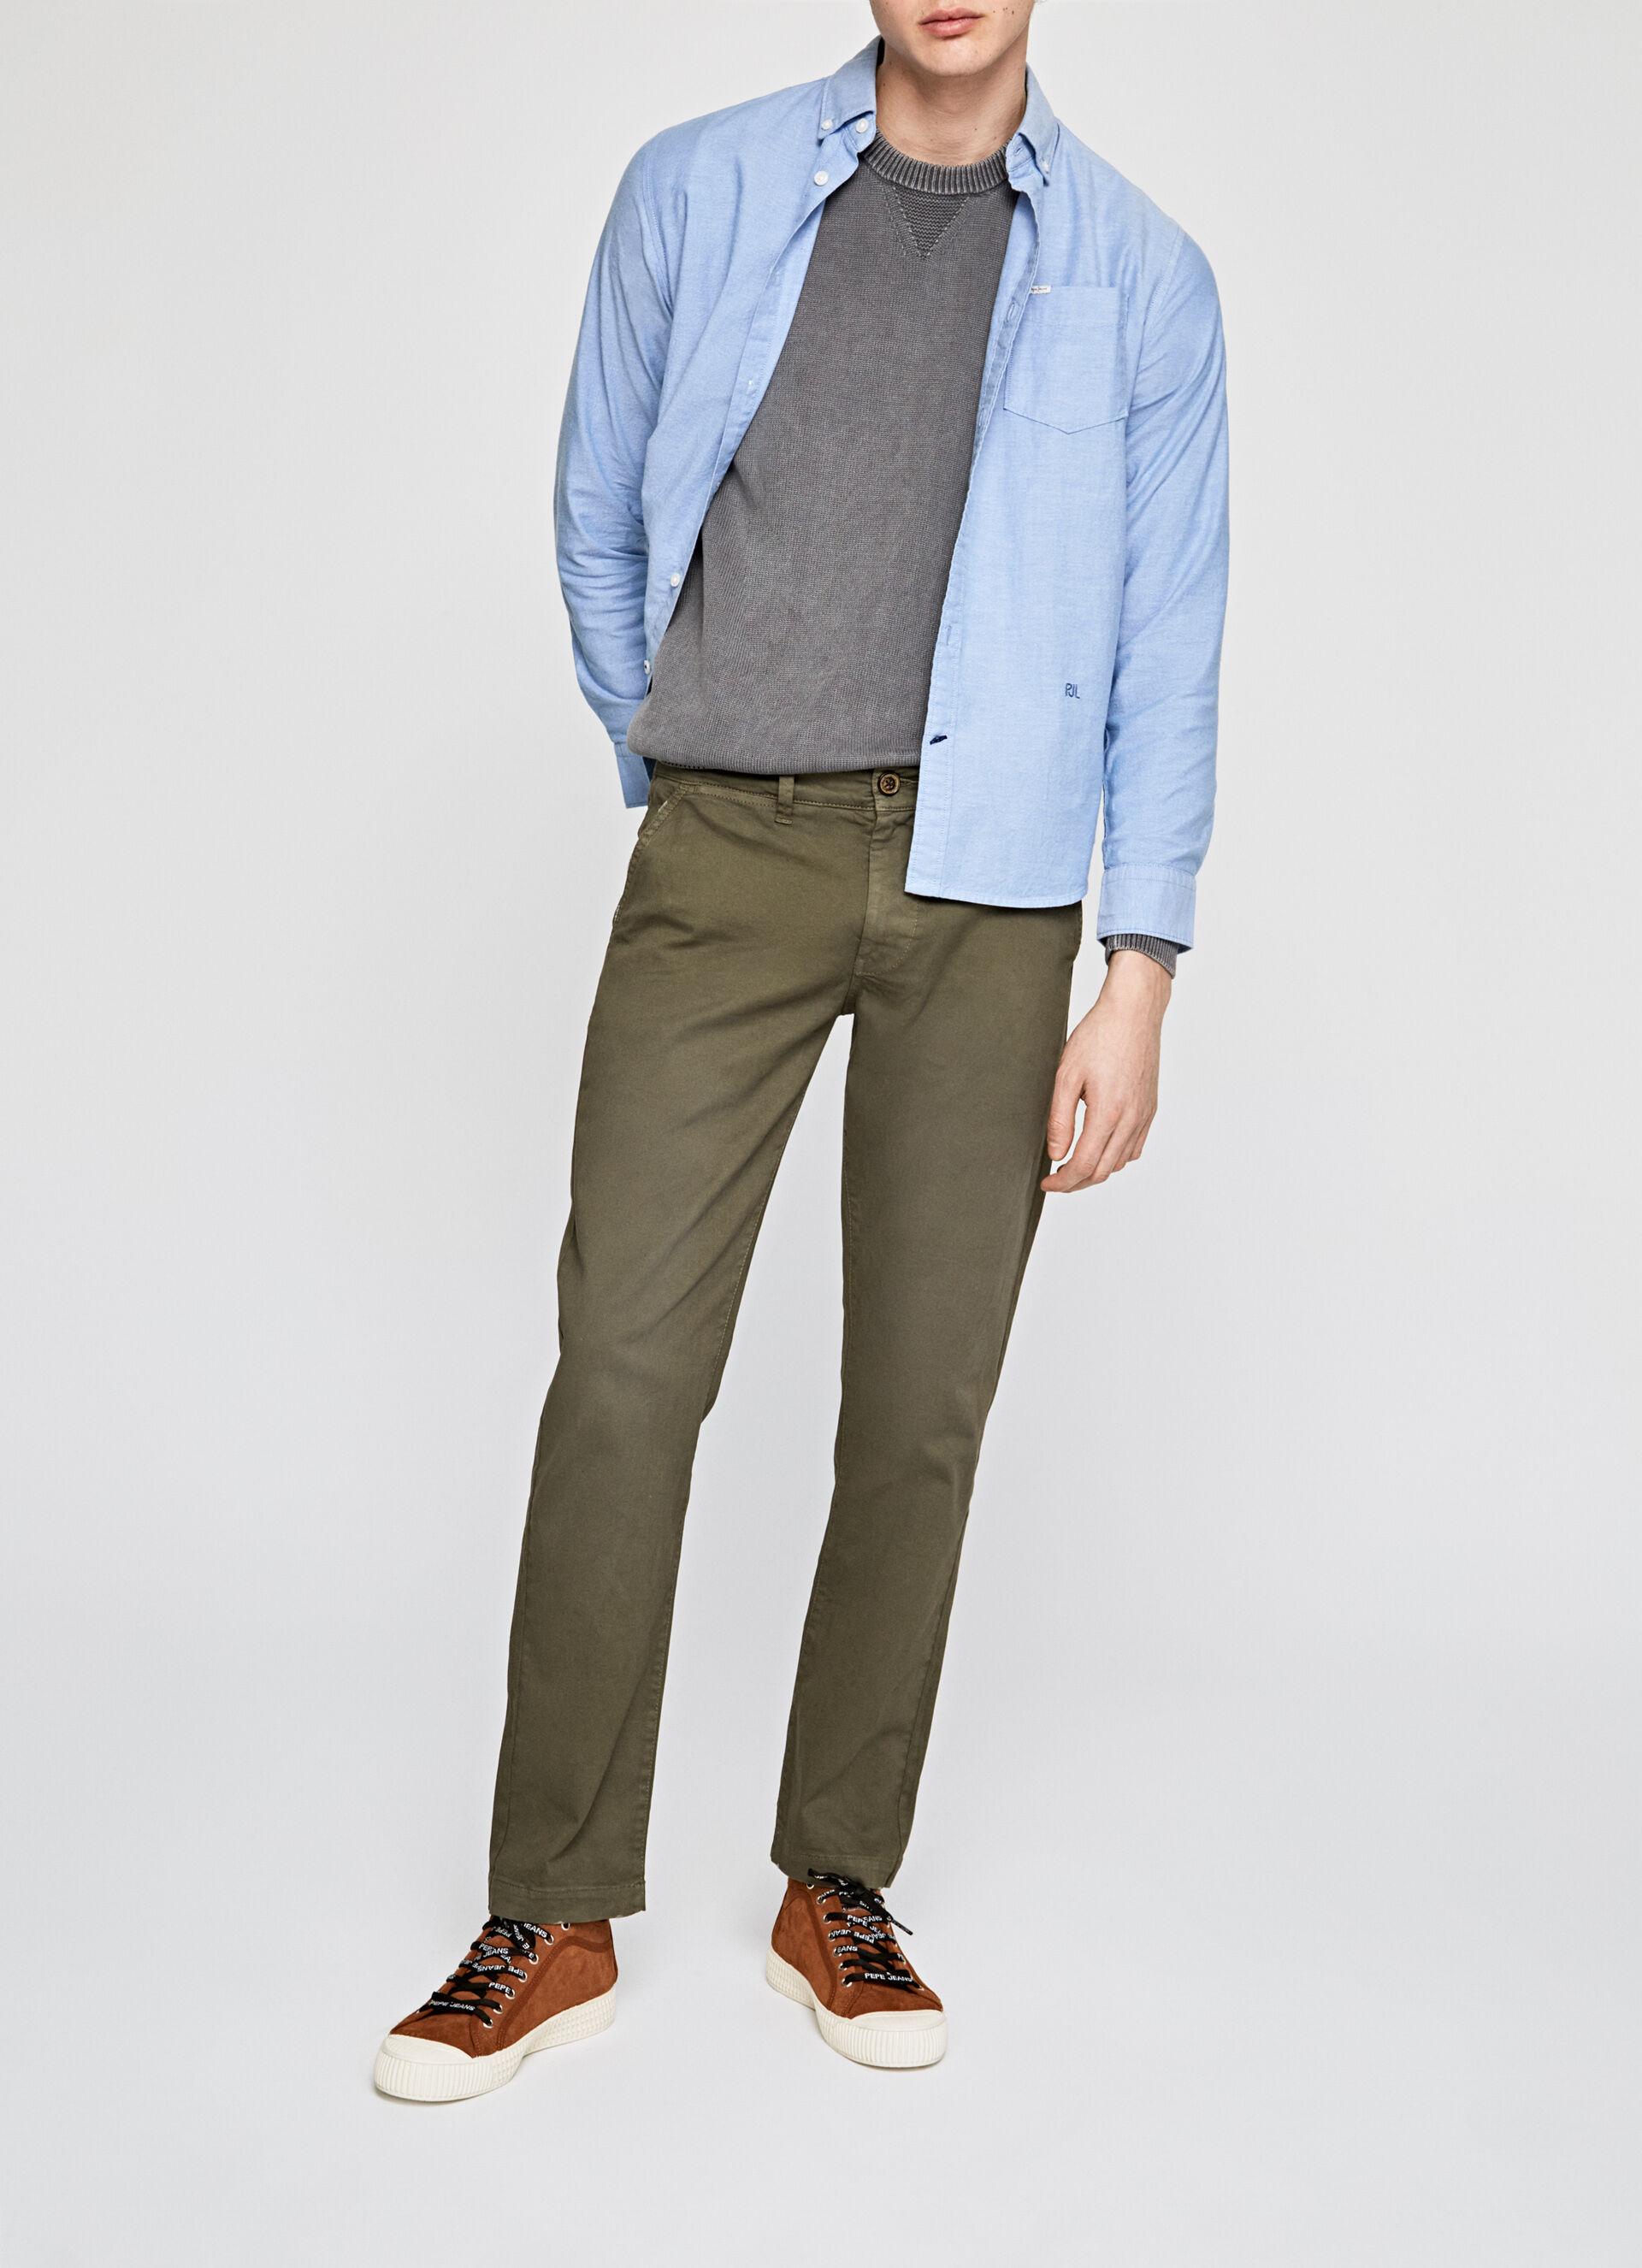 pepe jeans kleid rot, Pepe Jeans Herren Hosen SLOANE Chino